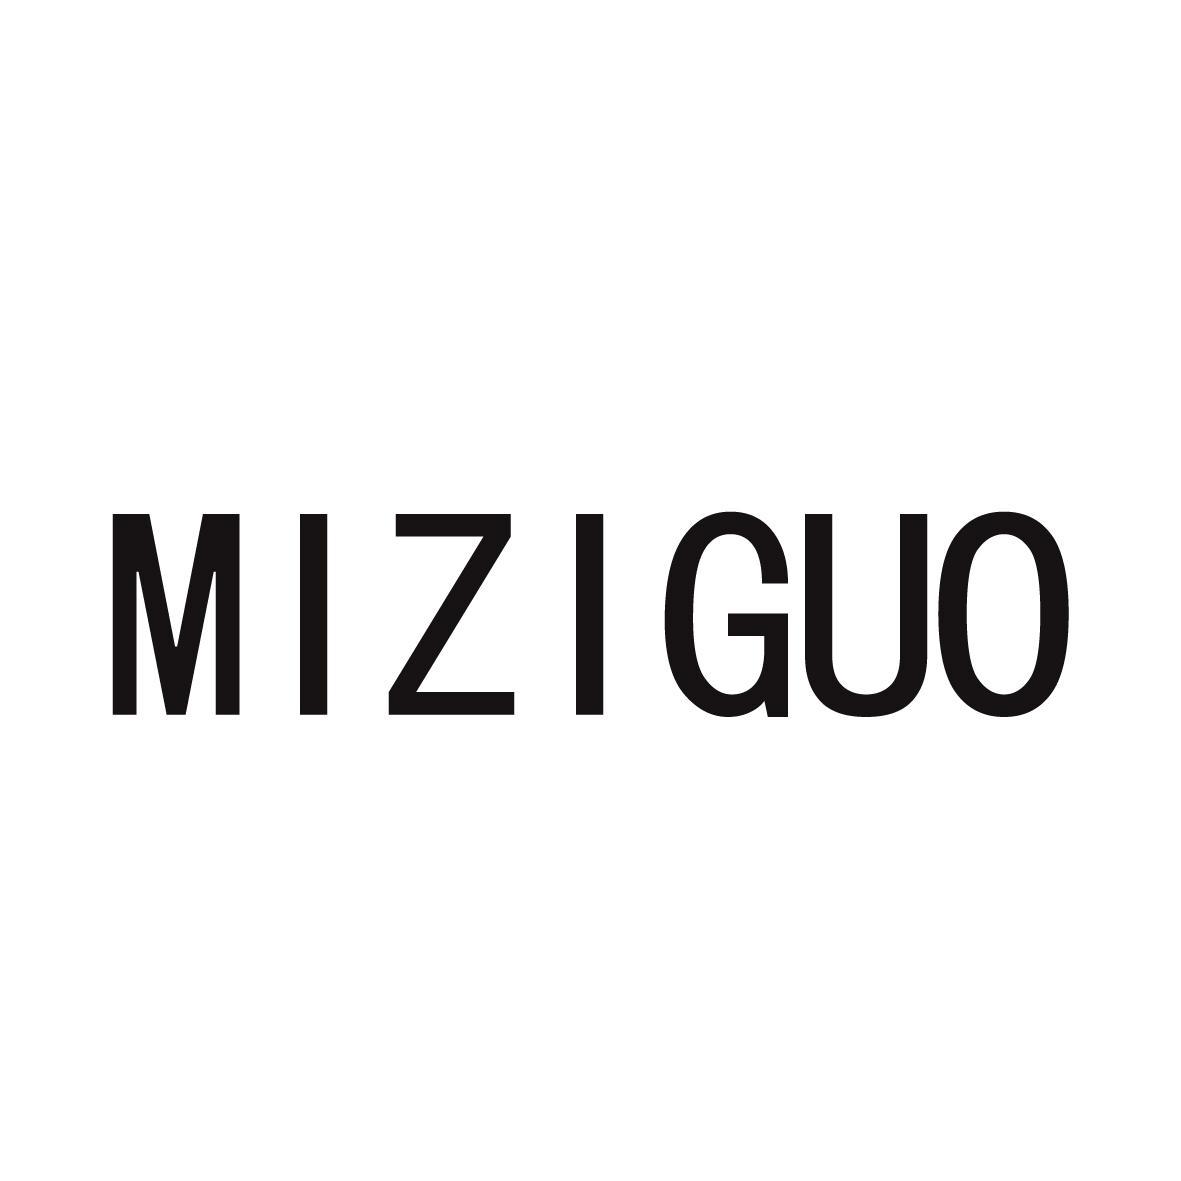 MIZIGUO